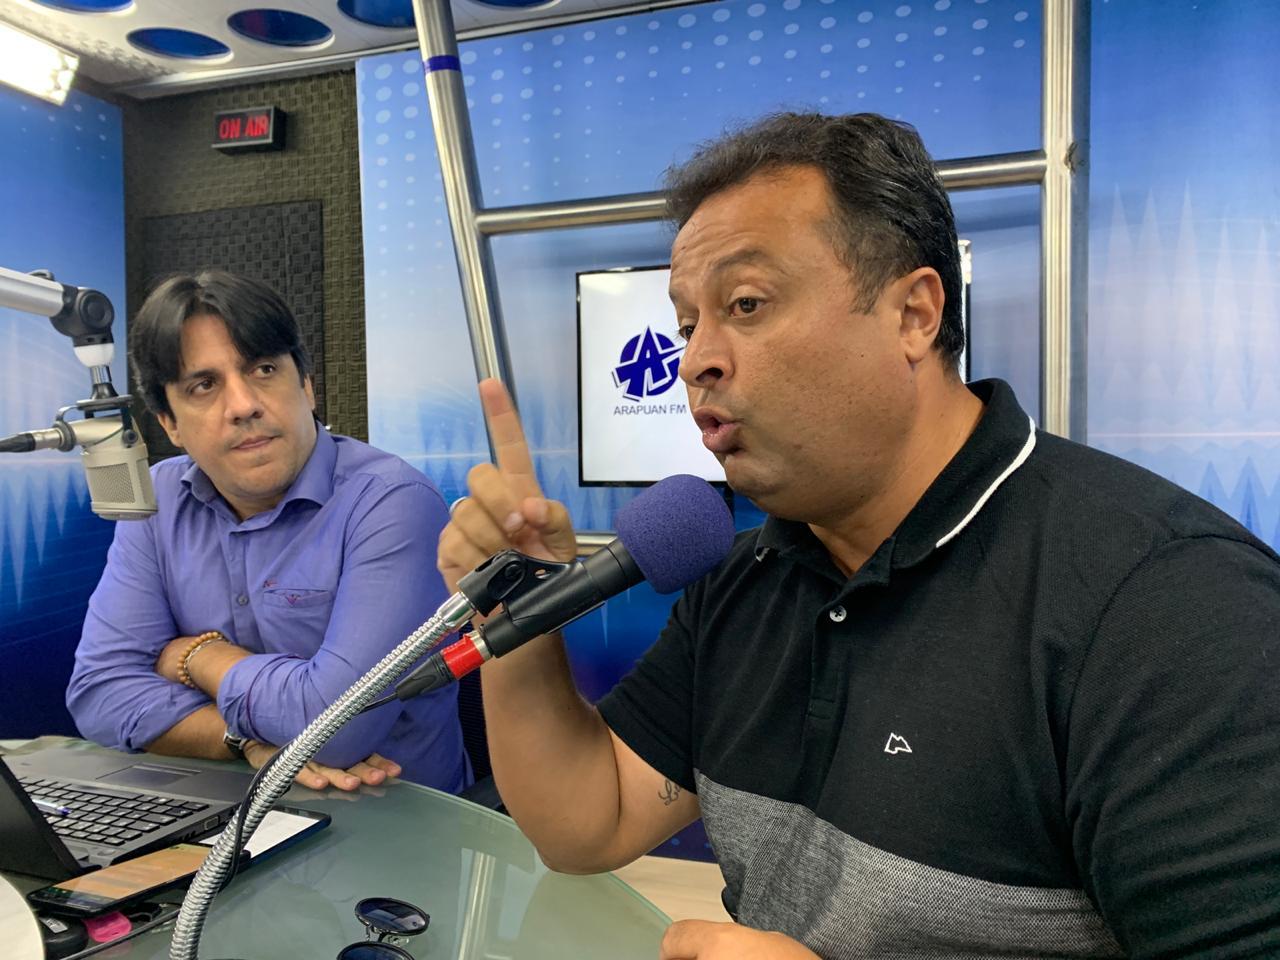 jackson macedo - Jackson Macedo afirma que caso o PSB se aproxime da 'direita' perderá o apoio do PT: 'Não podemos aceitar'